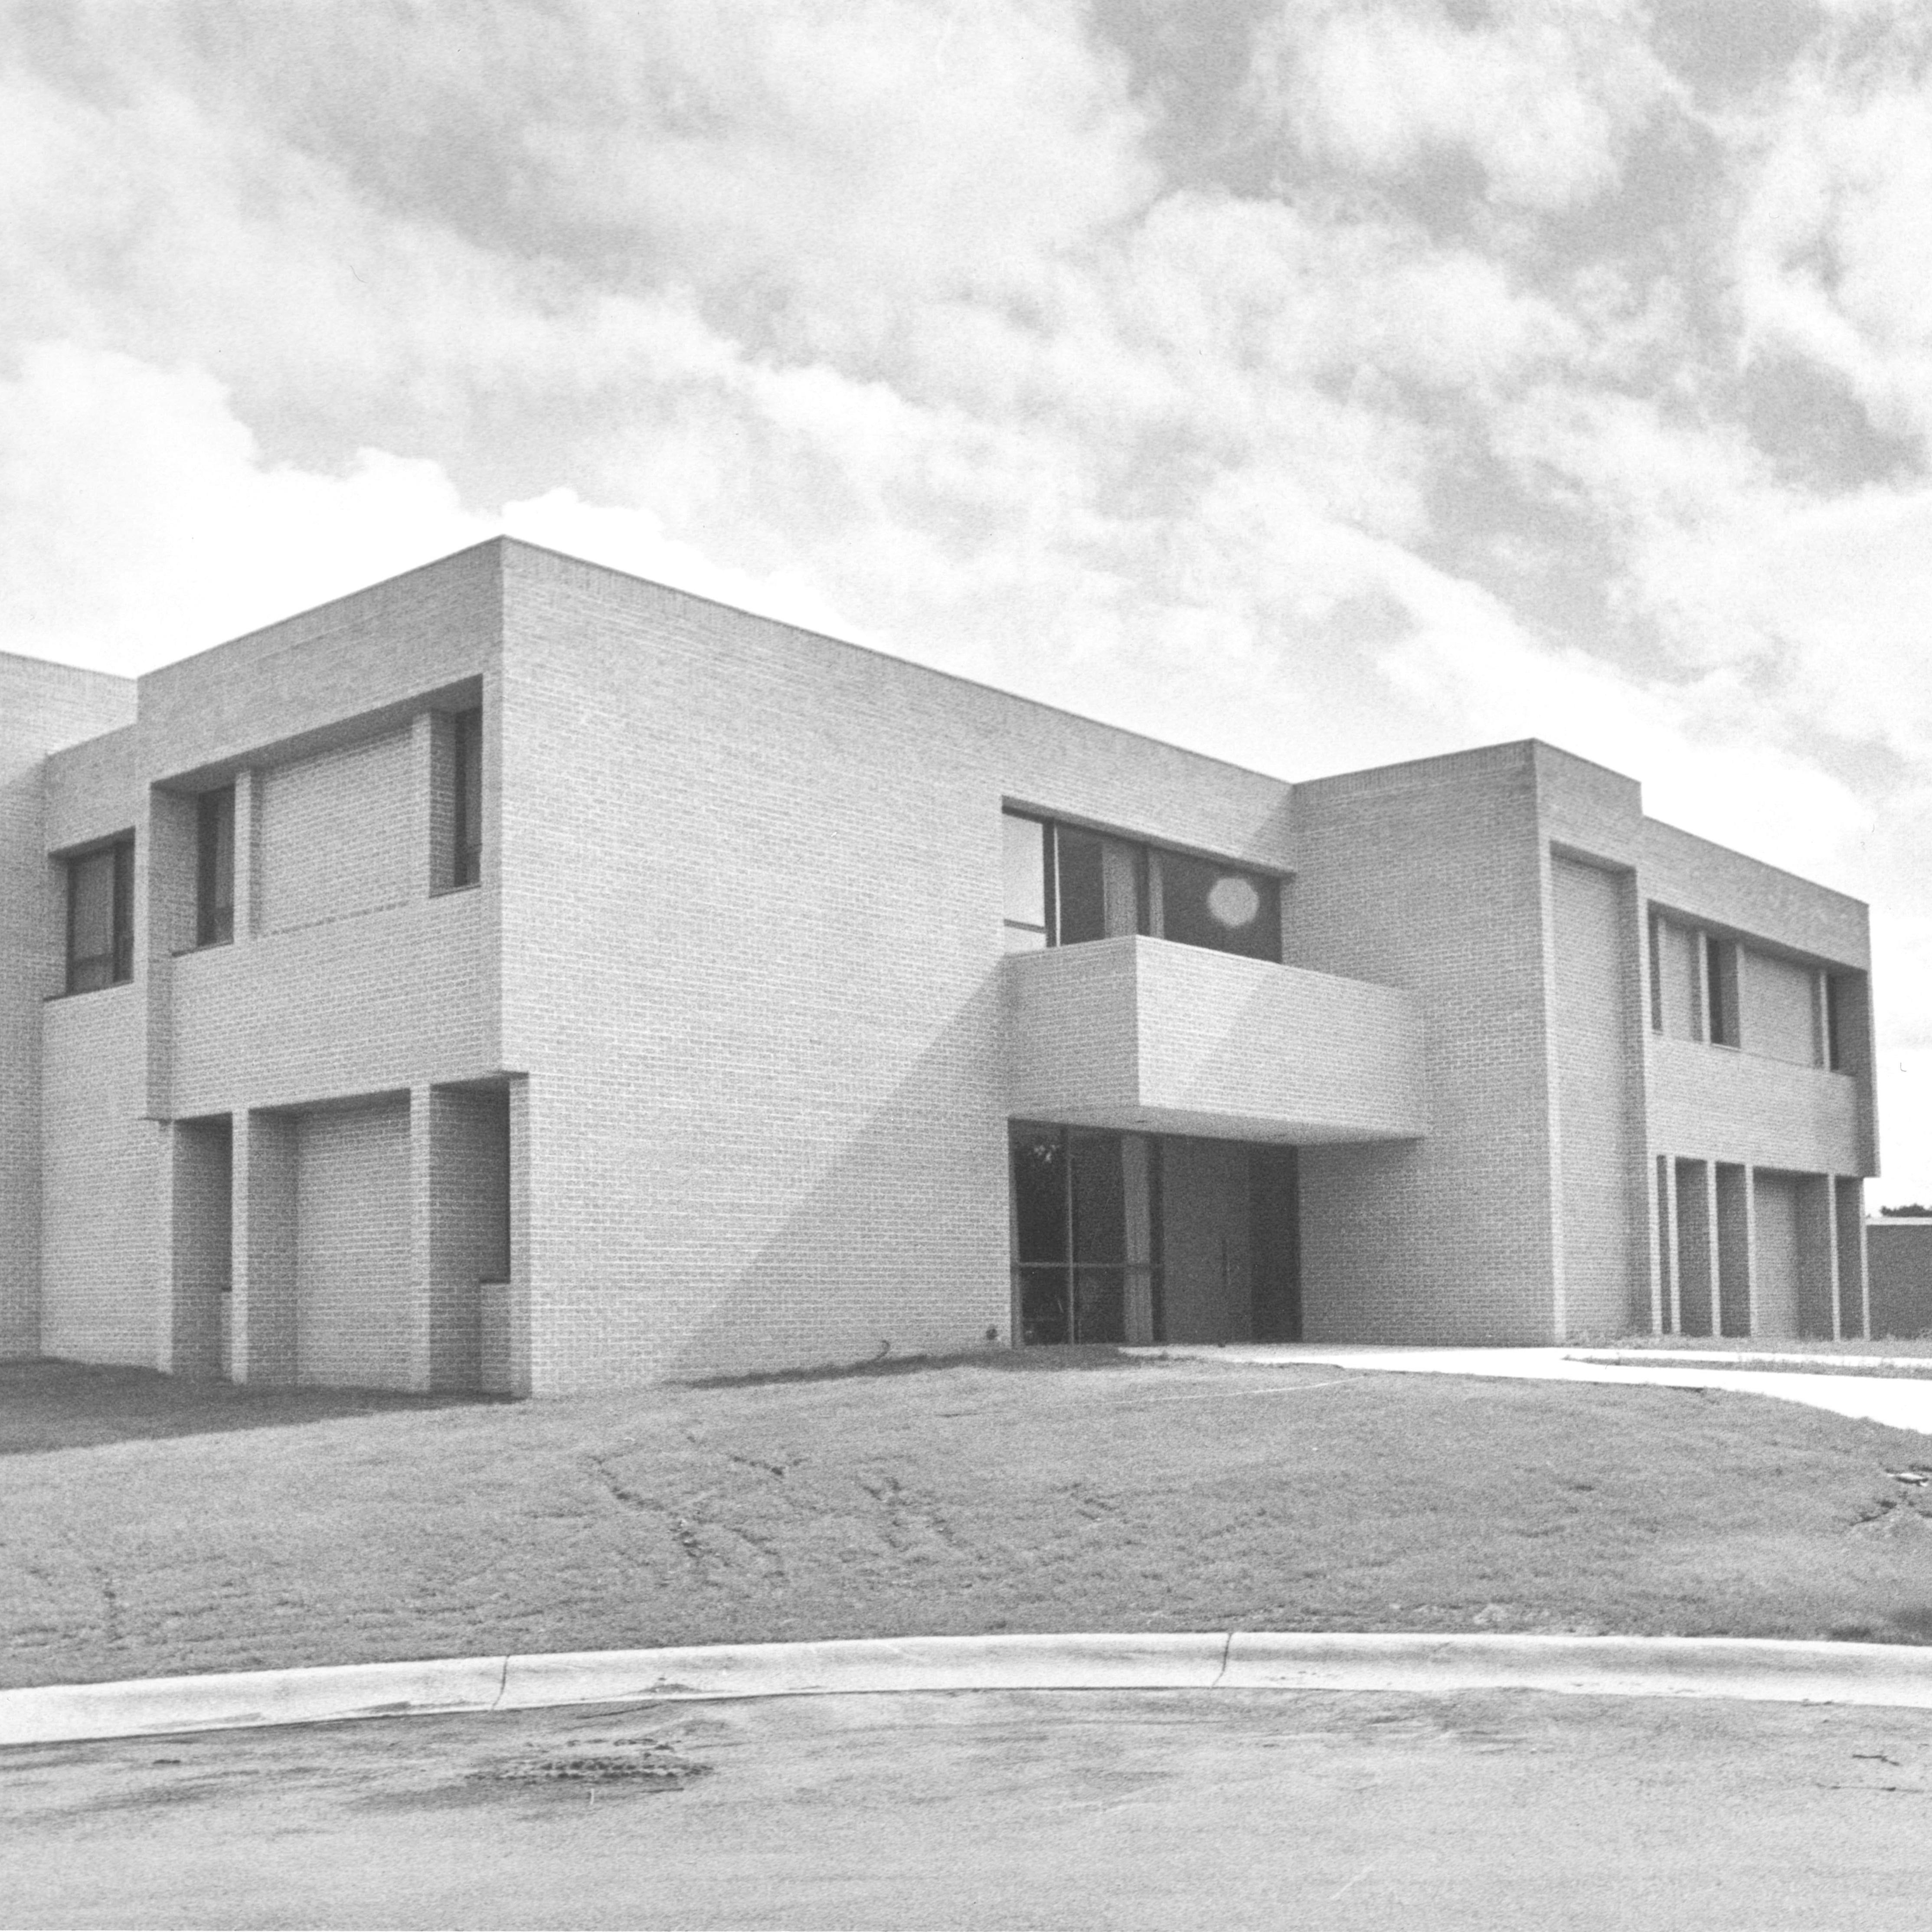 Barkley Memorial Center